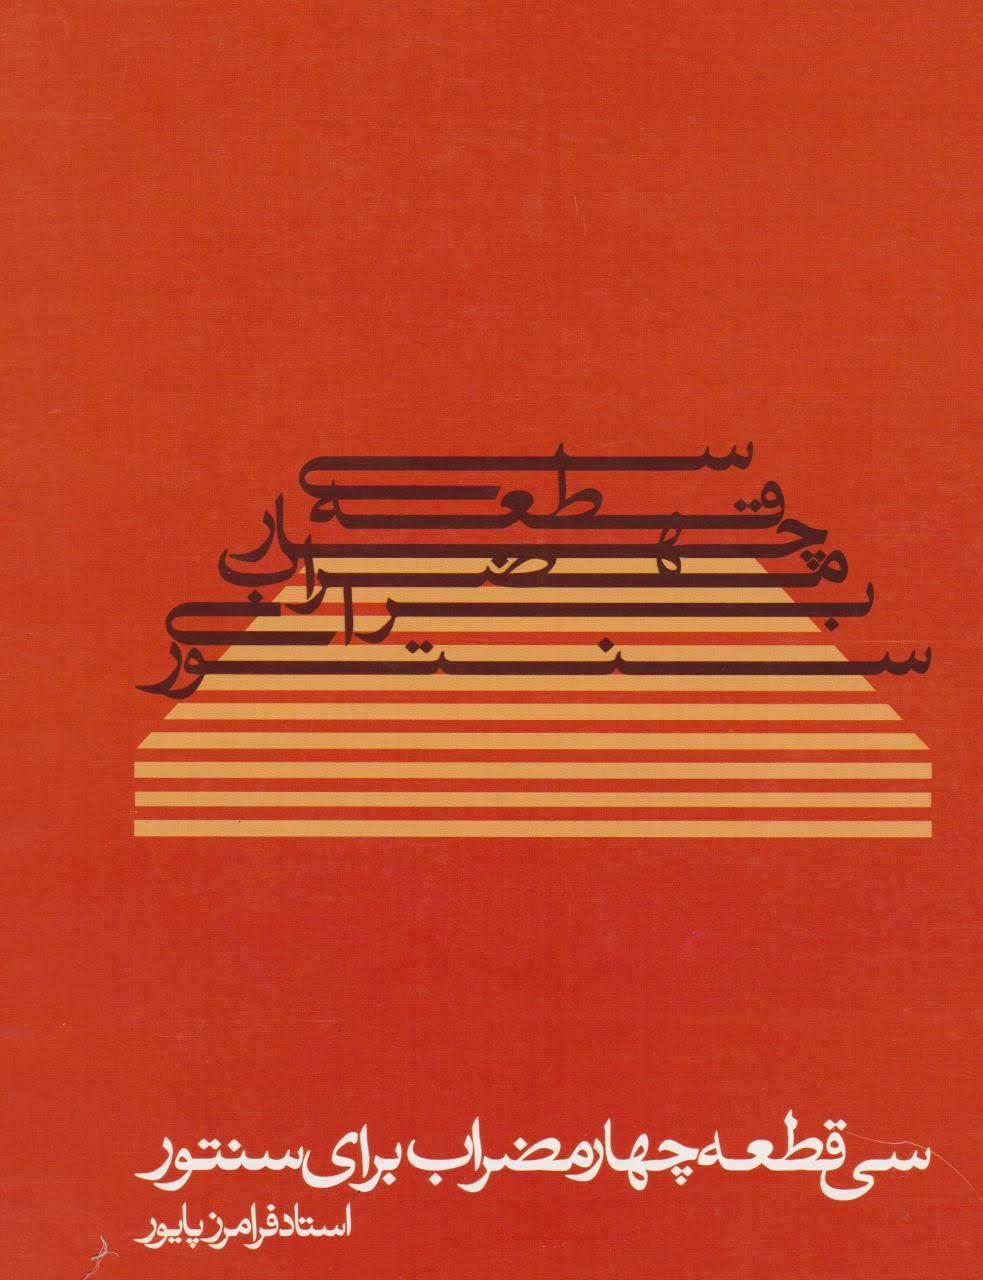 کتاب سیقطعه چهارمضراب برای سنتور فرامرز پایور انتشارات ماهور